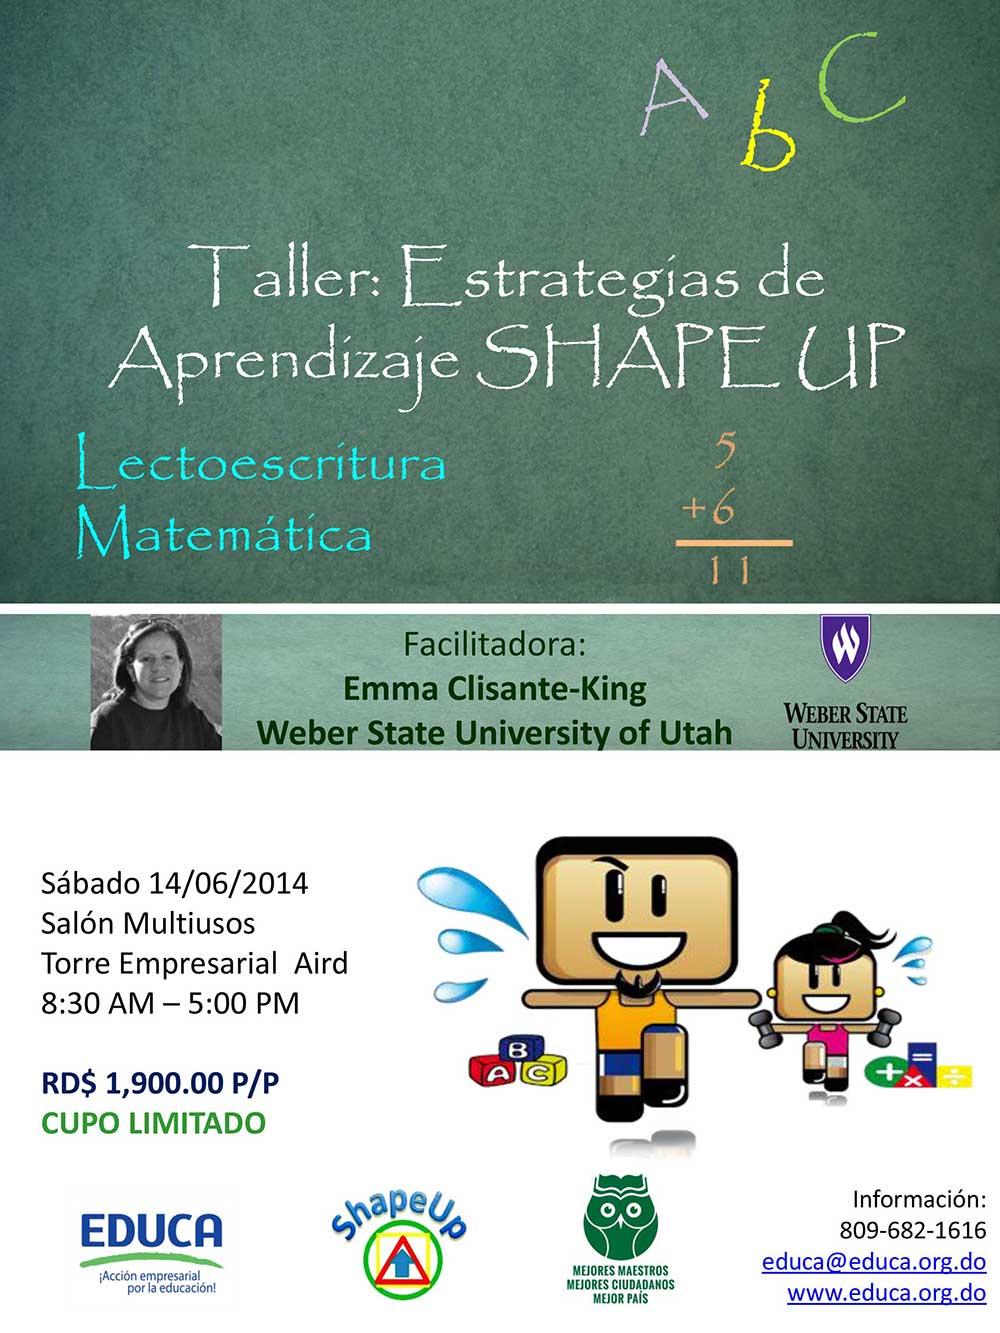 Taller-Estrategias-de-Aprendizaje-SHAPE-UP